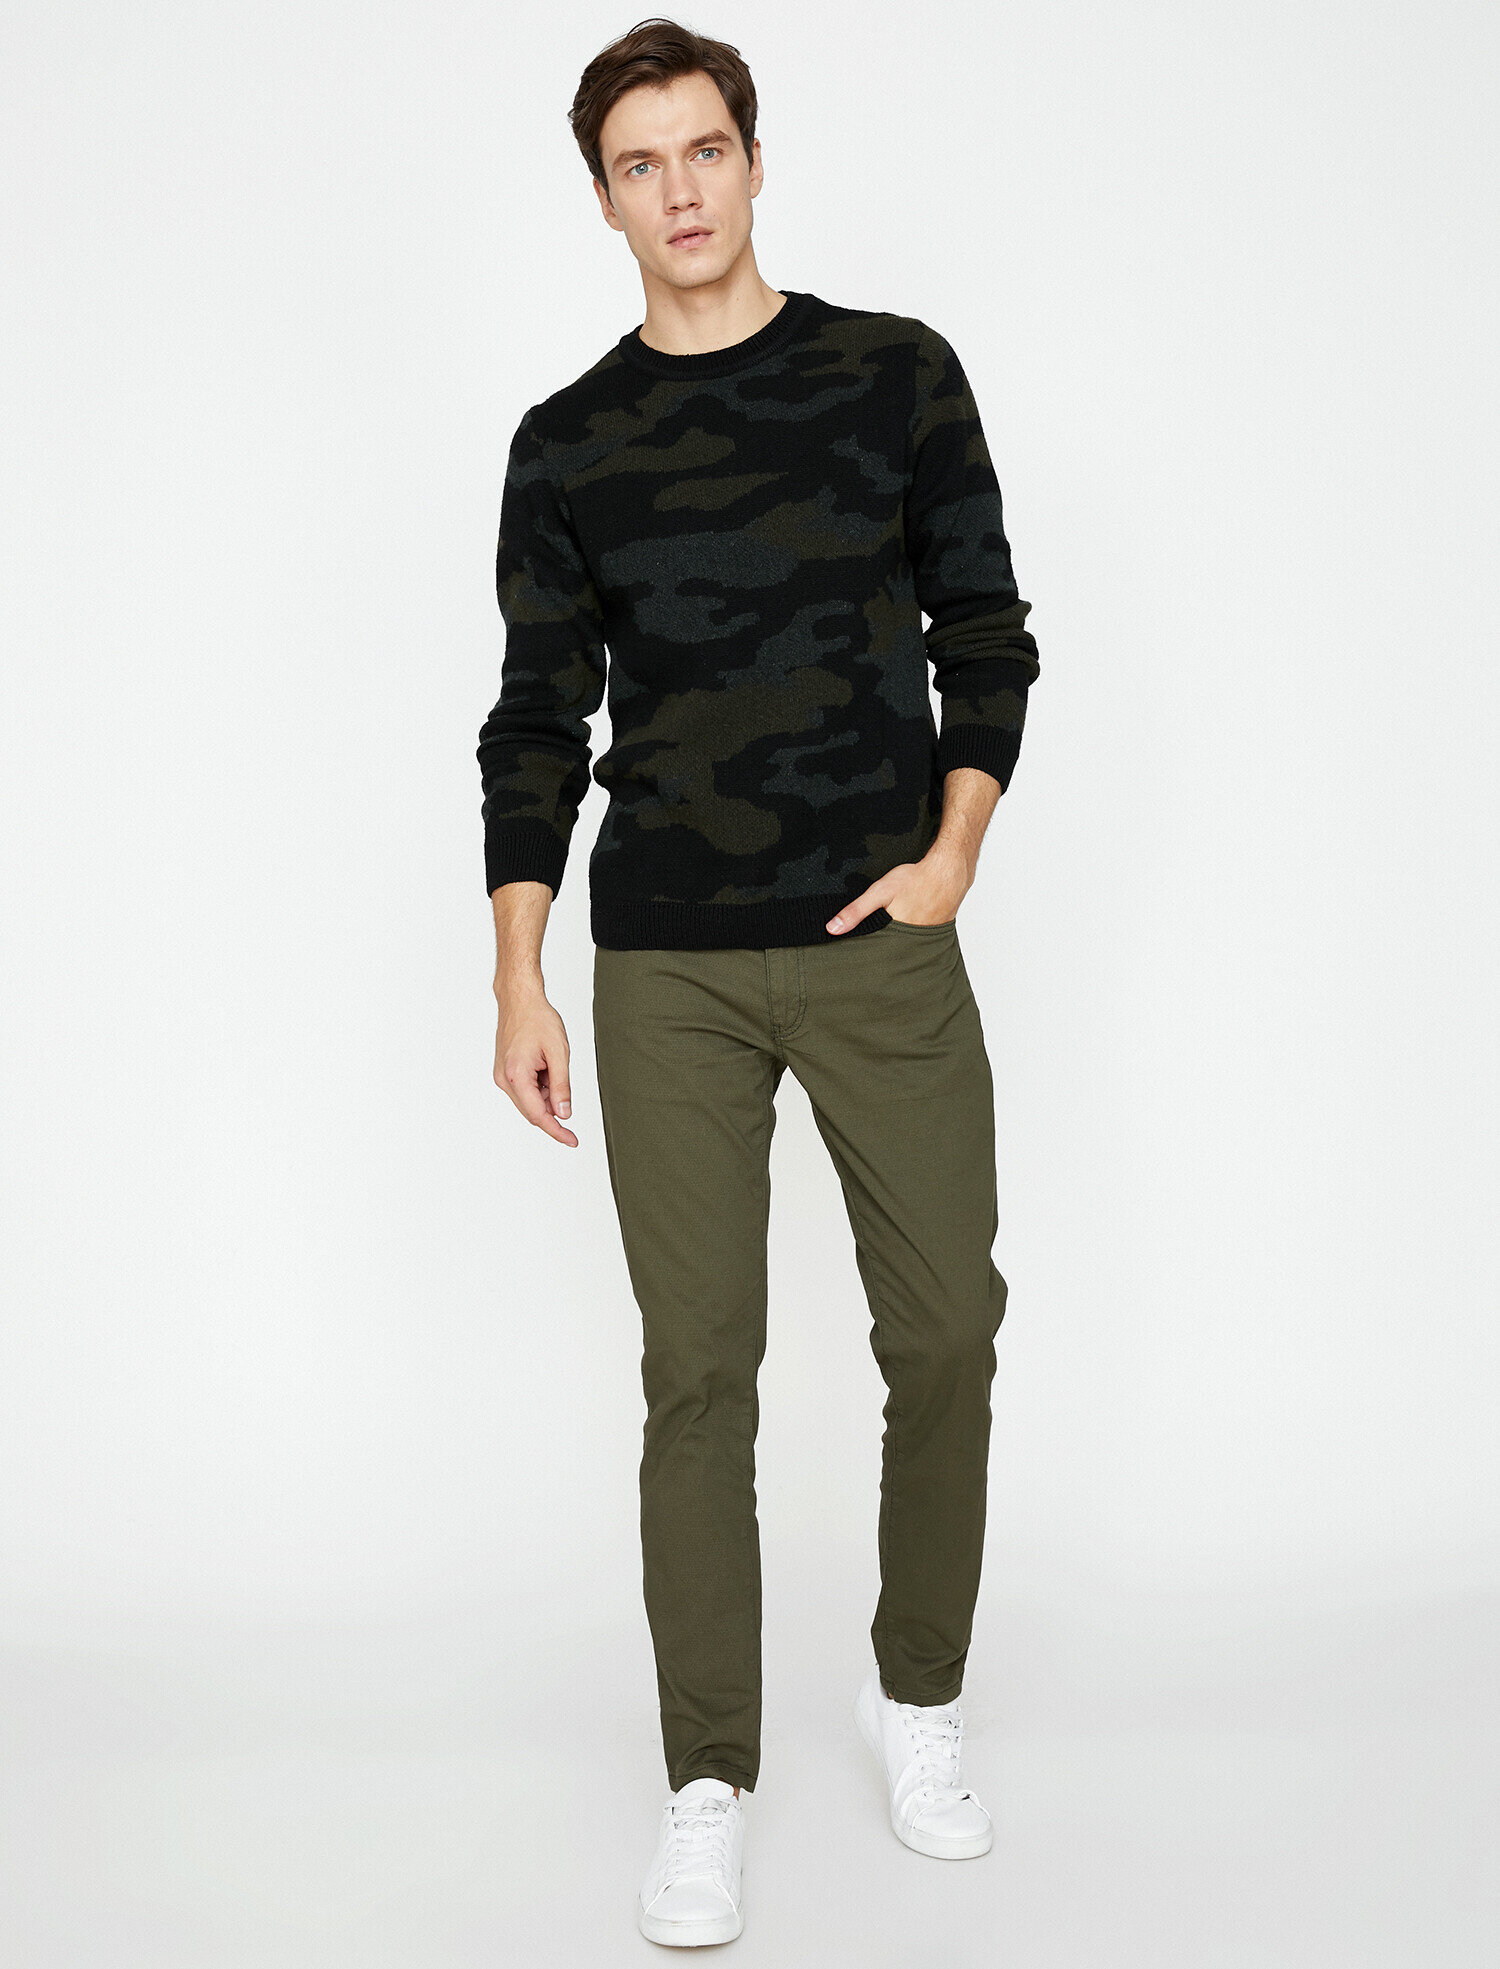 Koton Erkek Dar Kesim Pantolon Yeşil Ürün Resmi